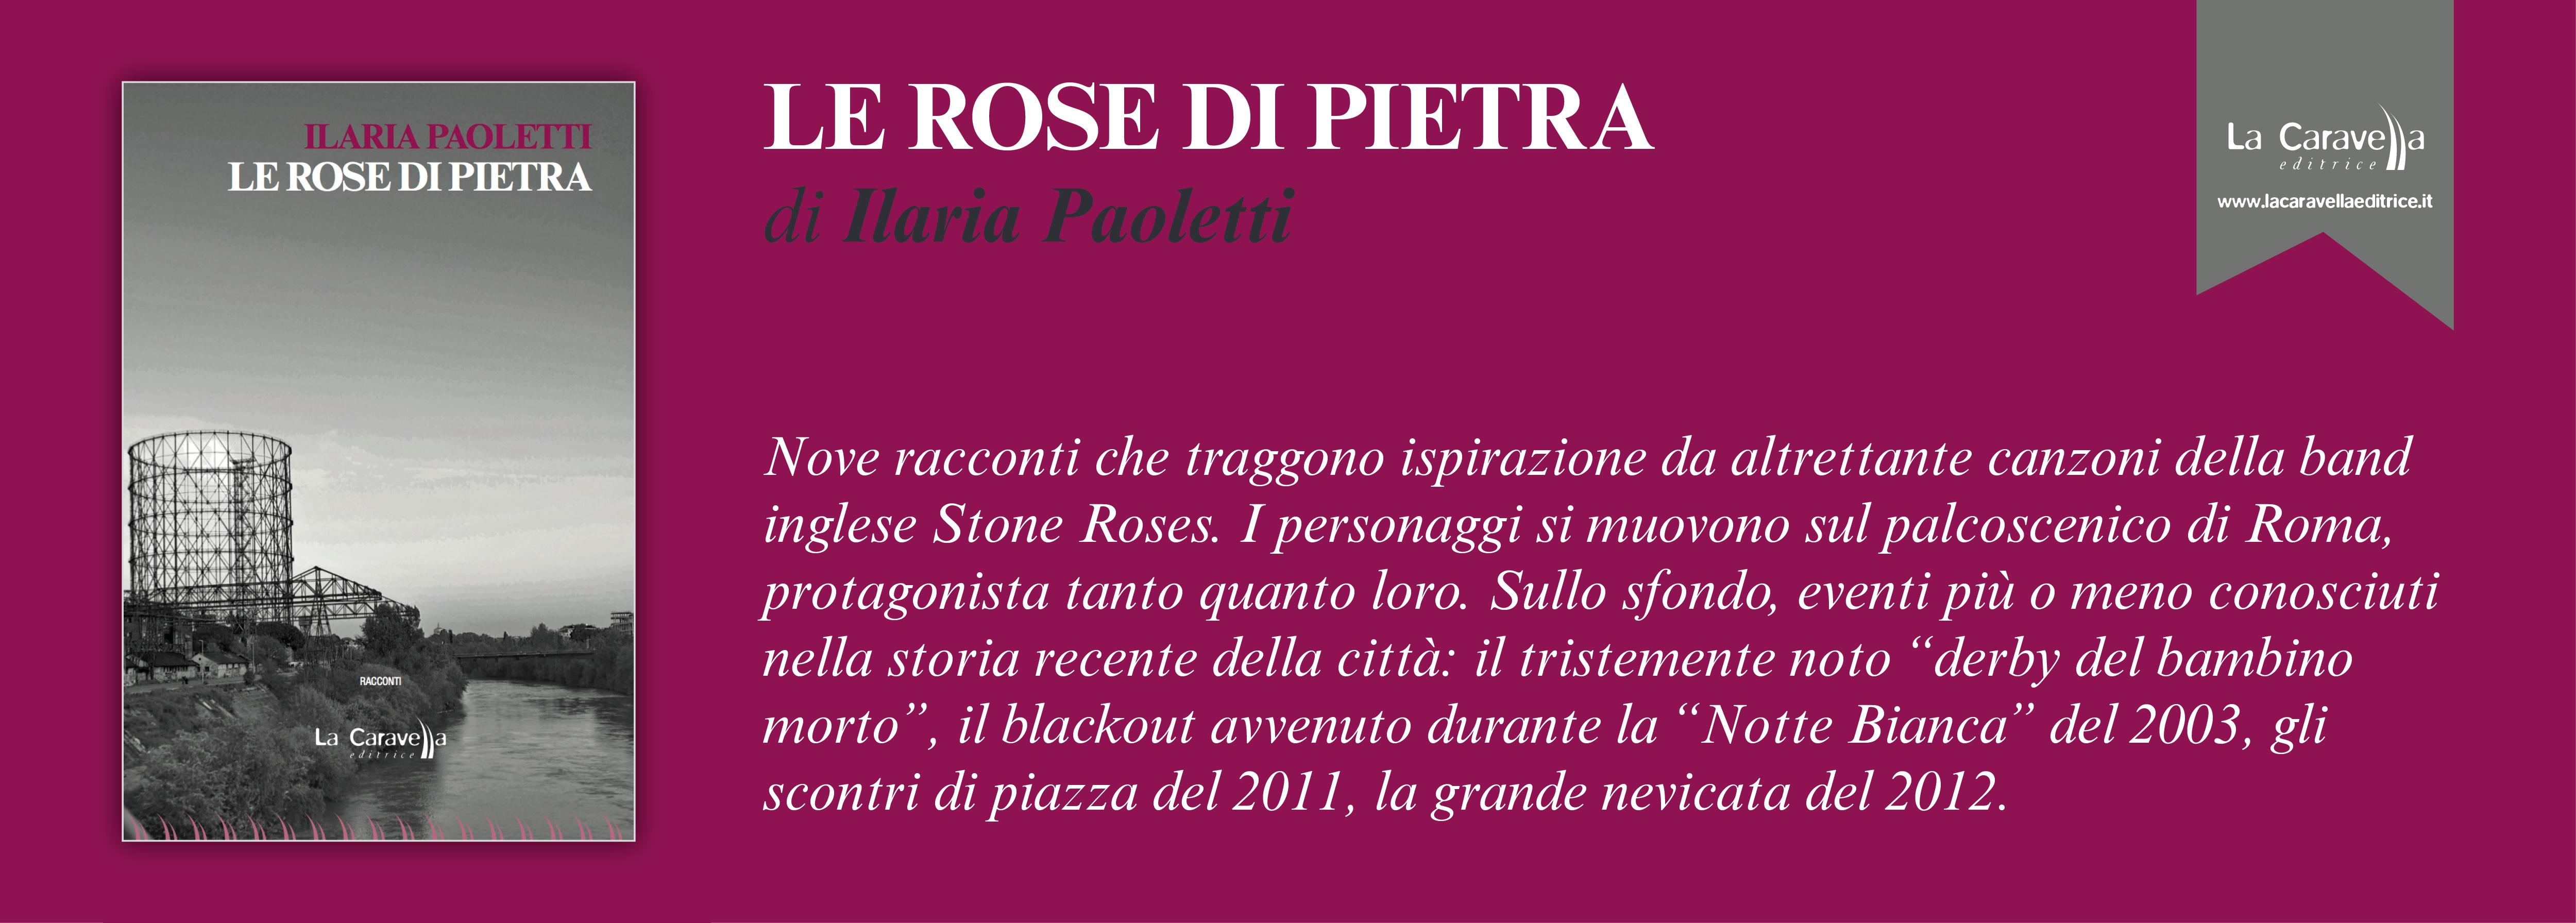 LE ROSE DI PIETRA di Ilaria Paoletti